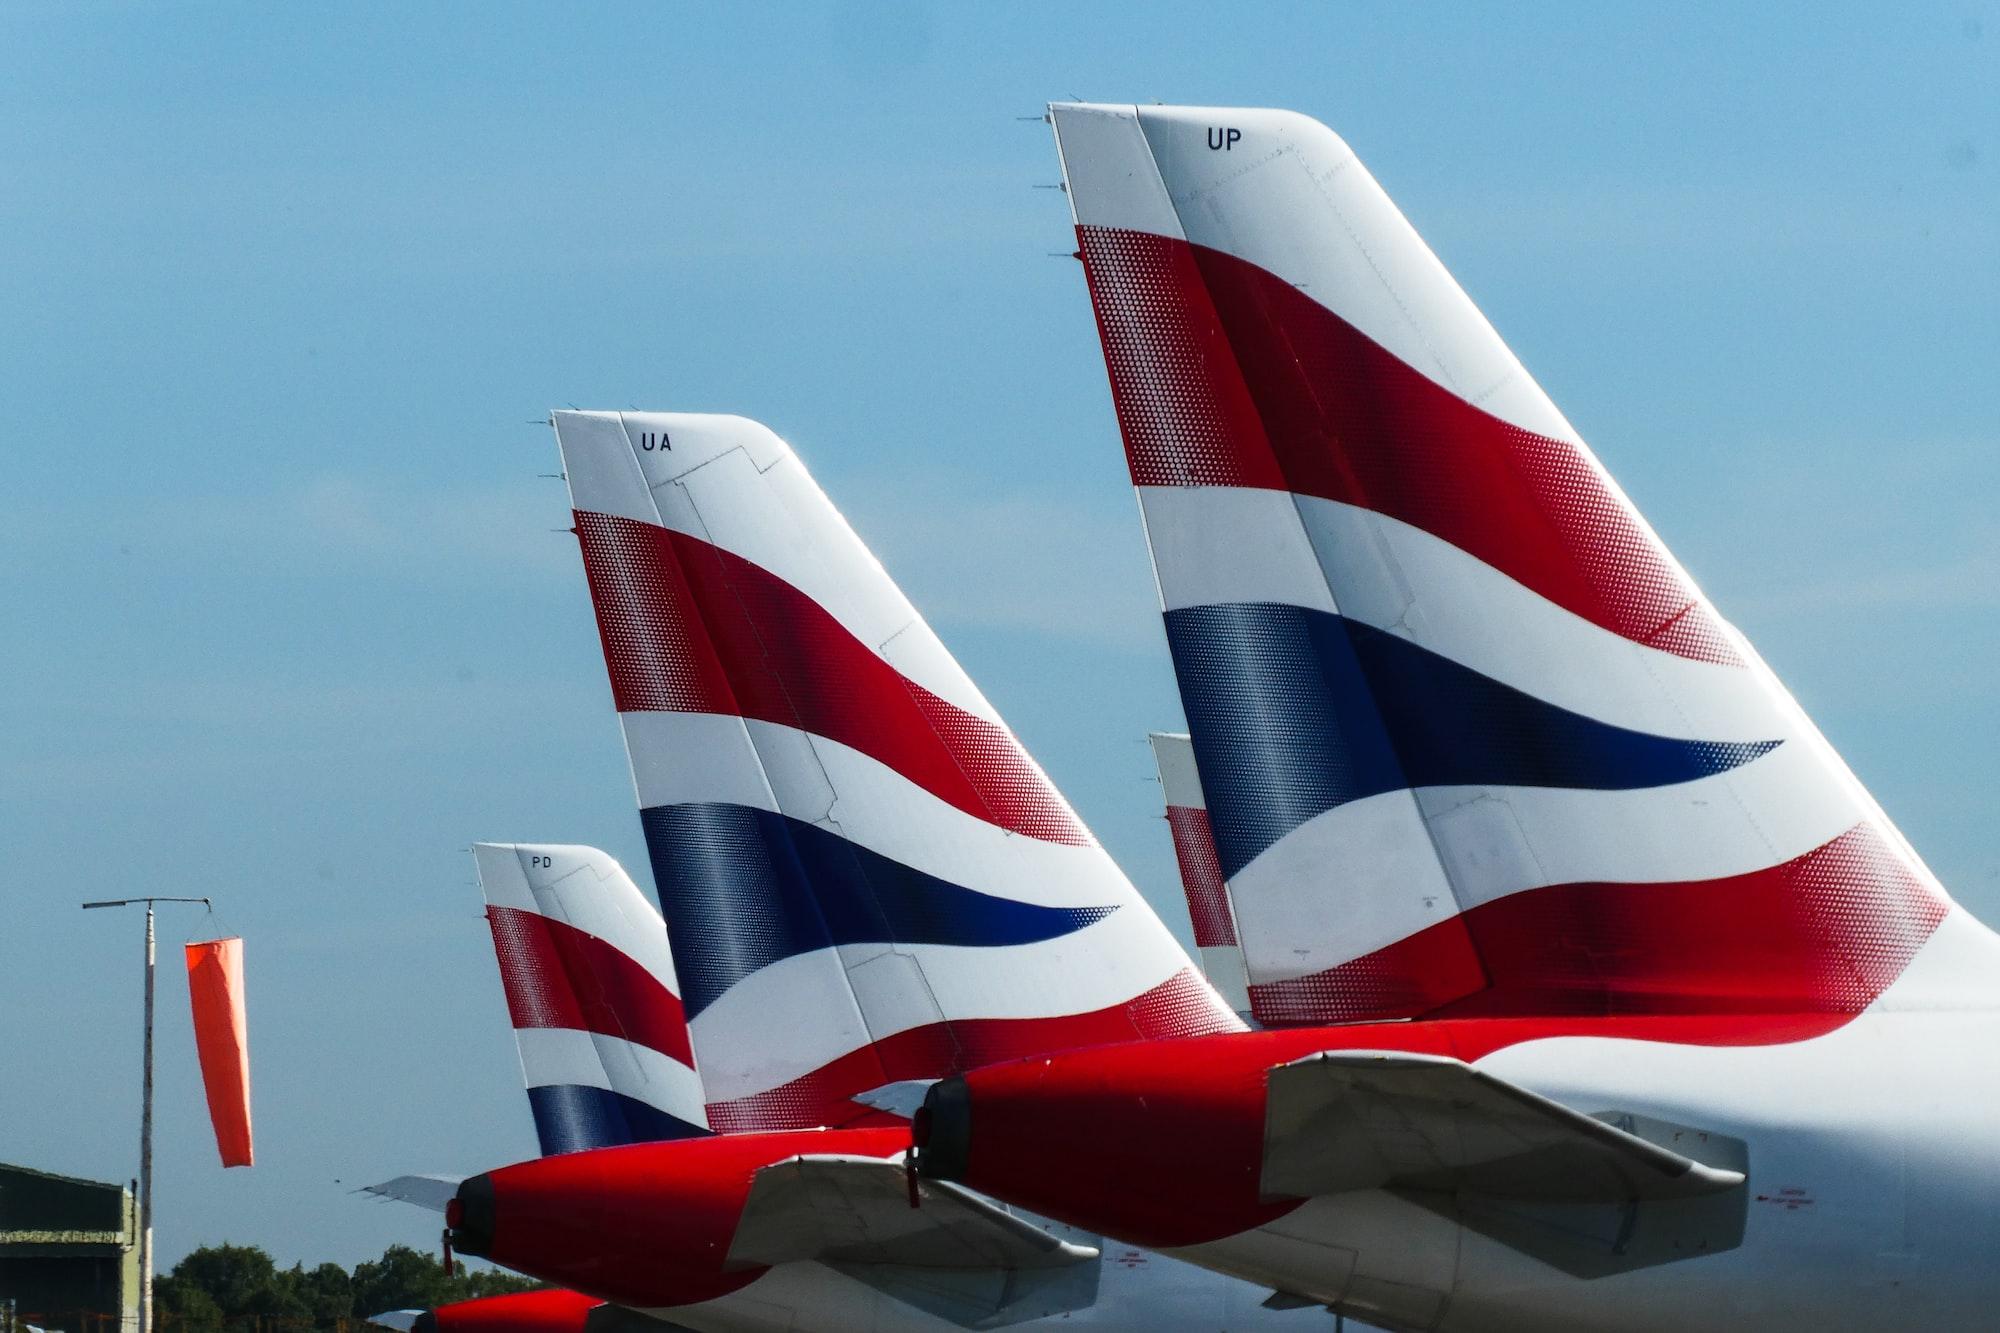 राहत: भारत के इस एयरपोर्ट से सप्ताह में तीन दिन उड़ेंगी ब्रिटिश एयरवेज